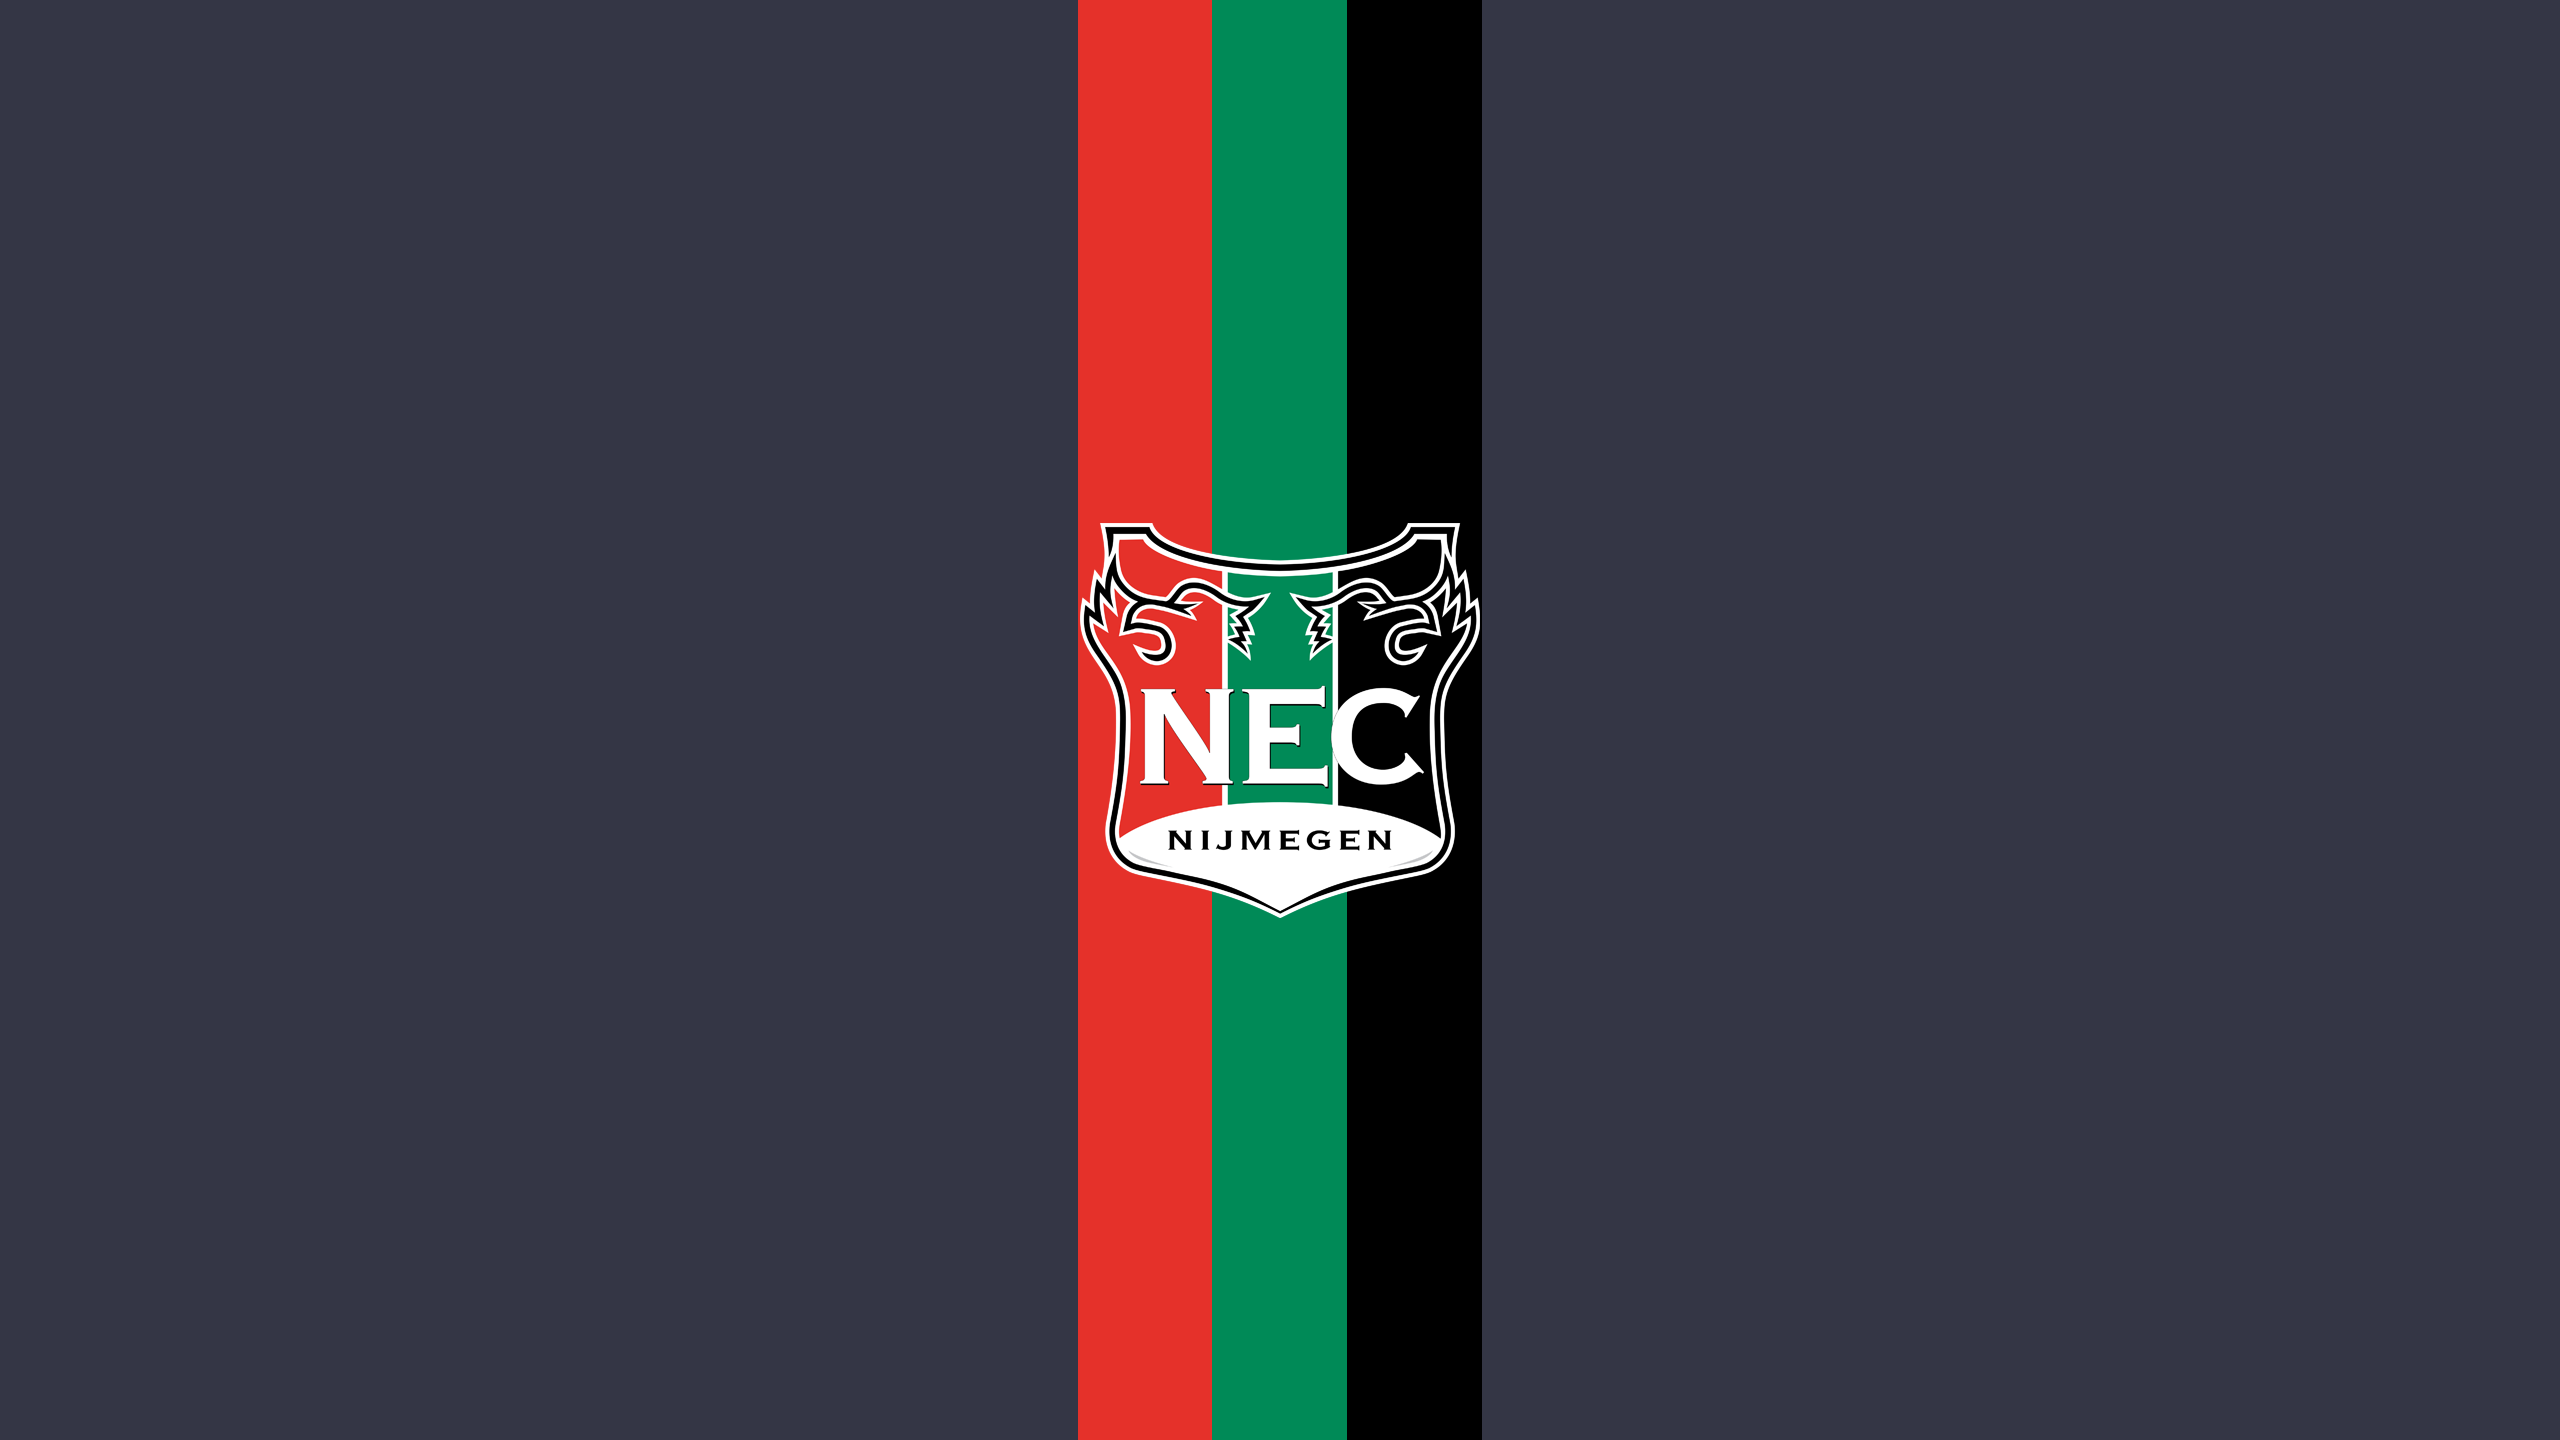 NEC Nijmegen (Away)